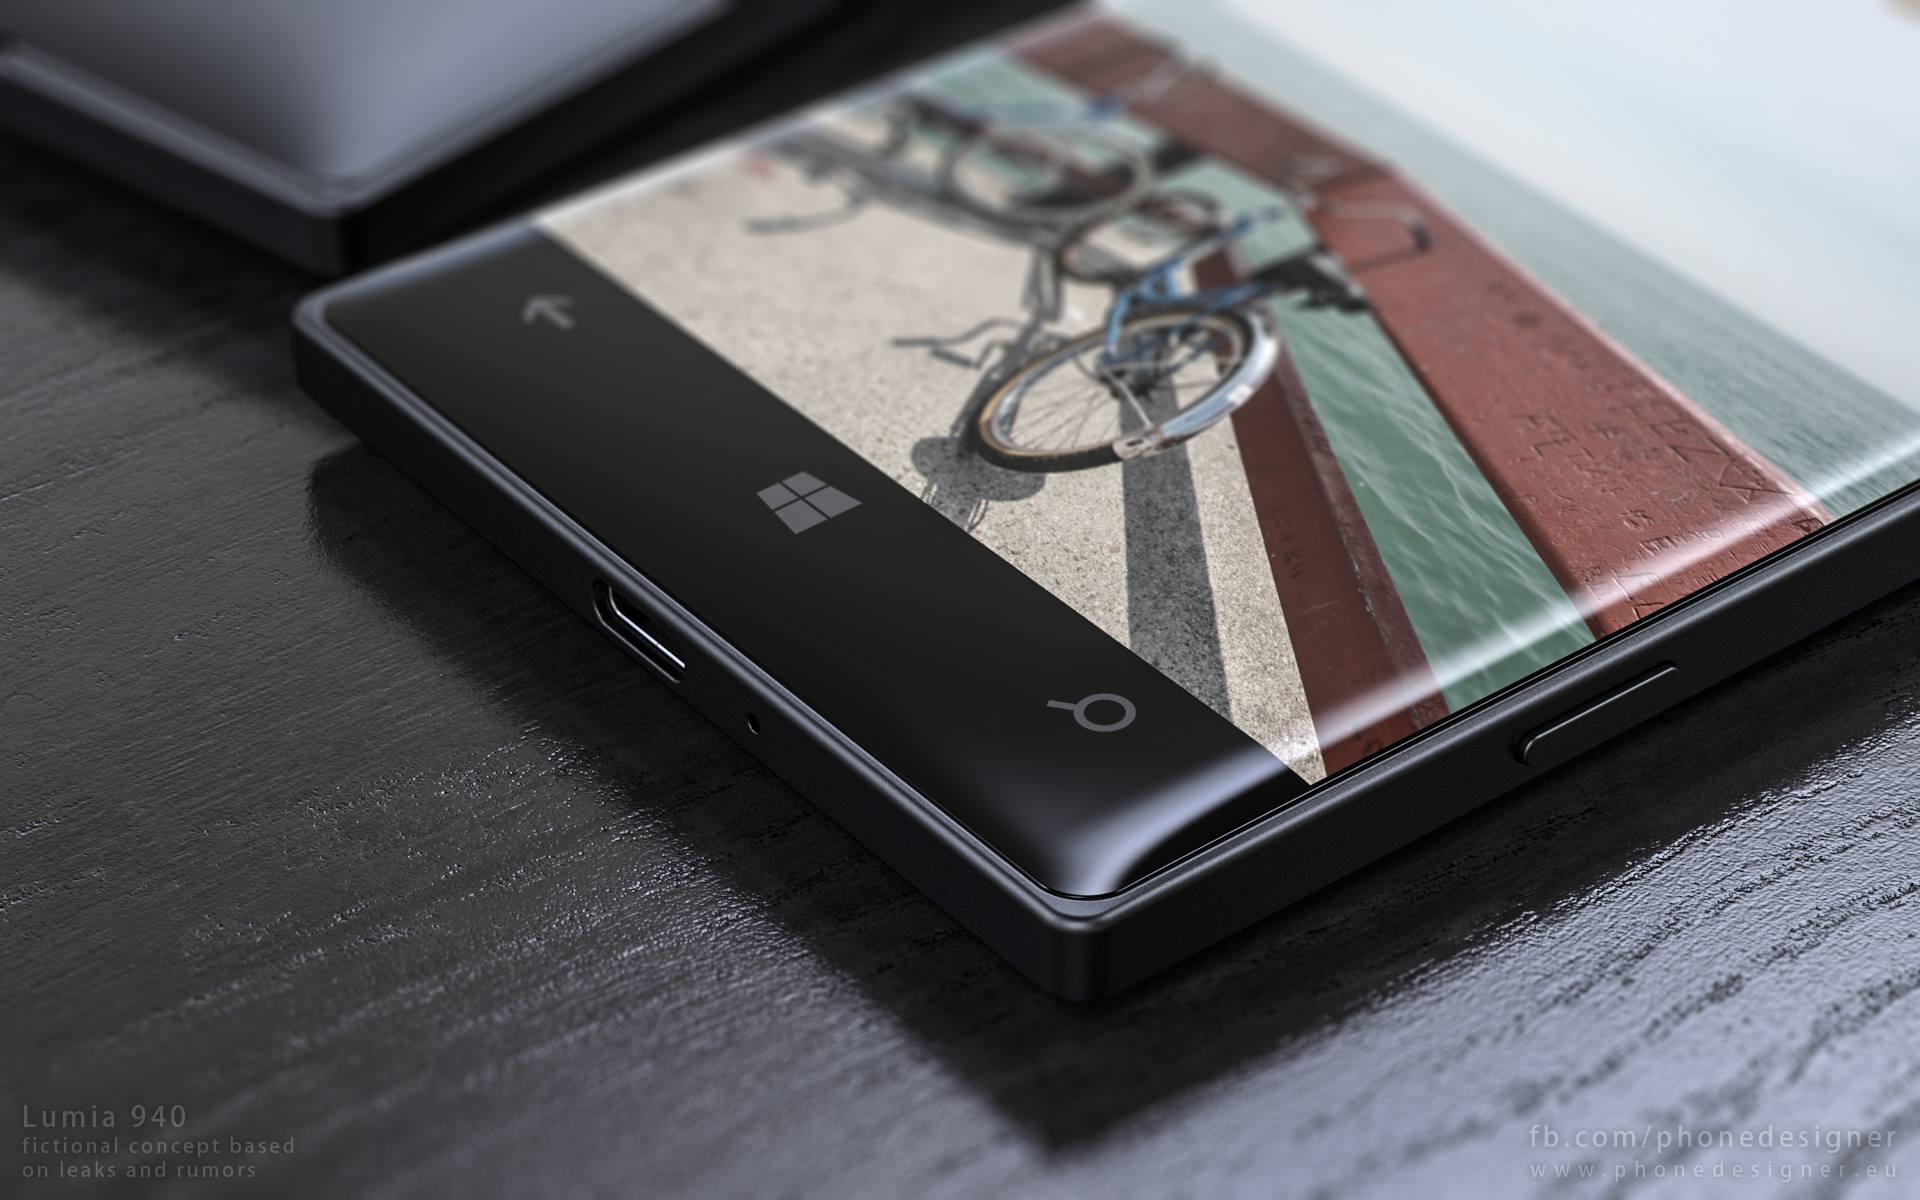 lumia 940 konzept (4)